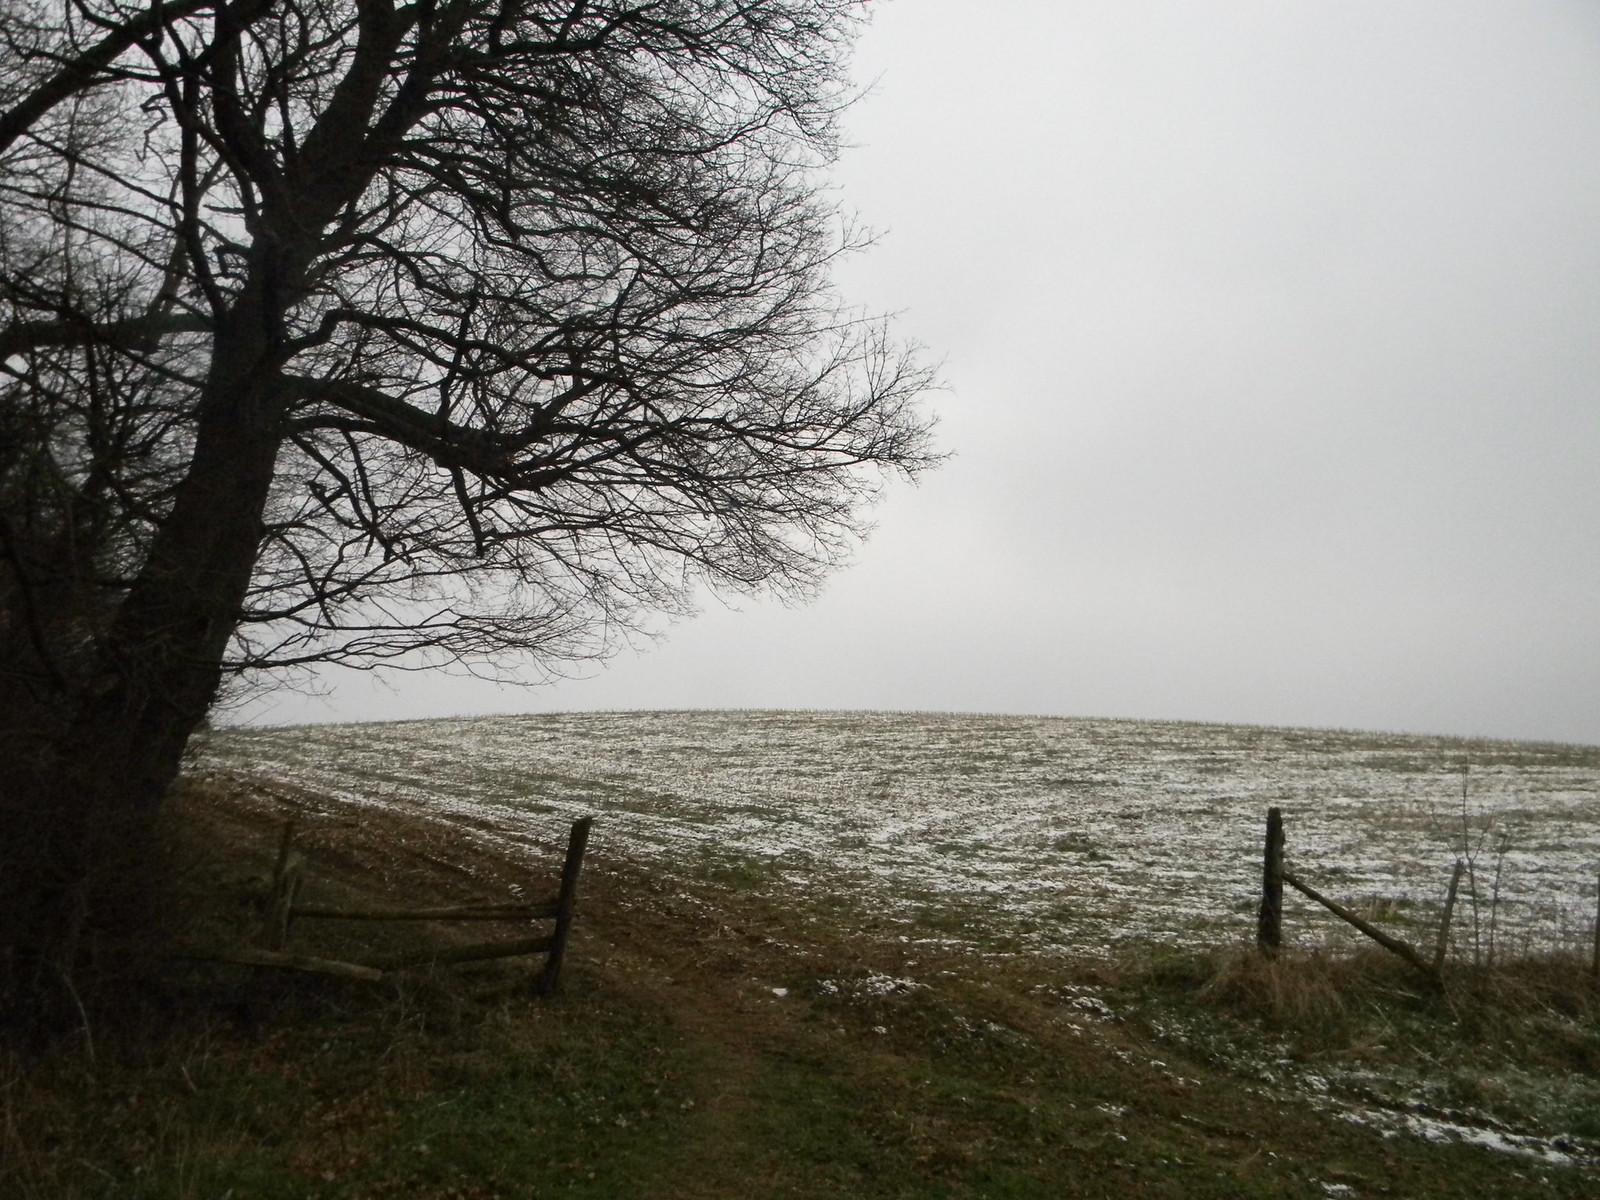 Snowy field Eynsford Circular